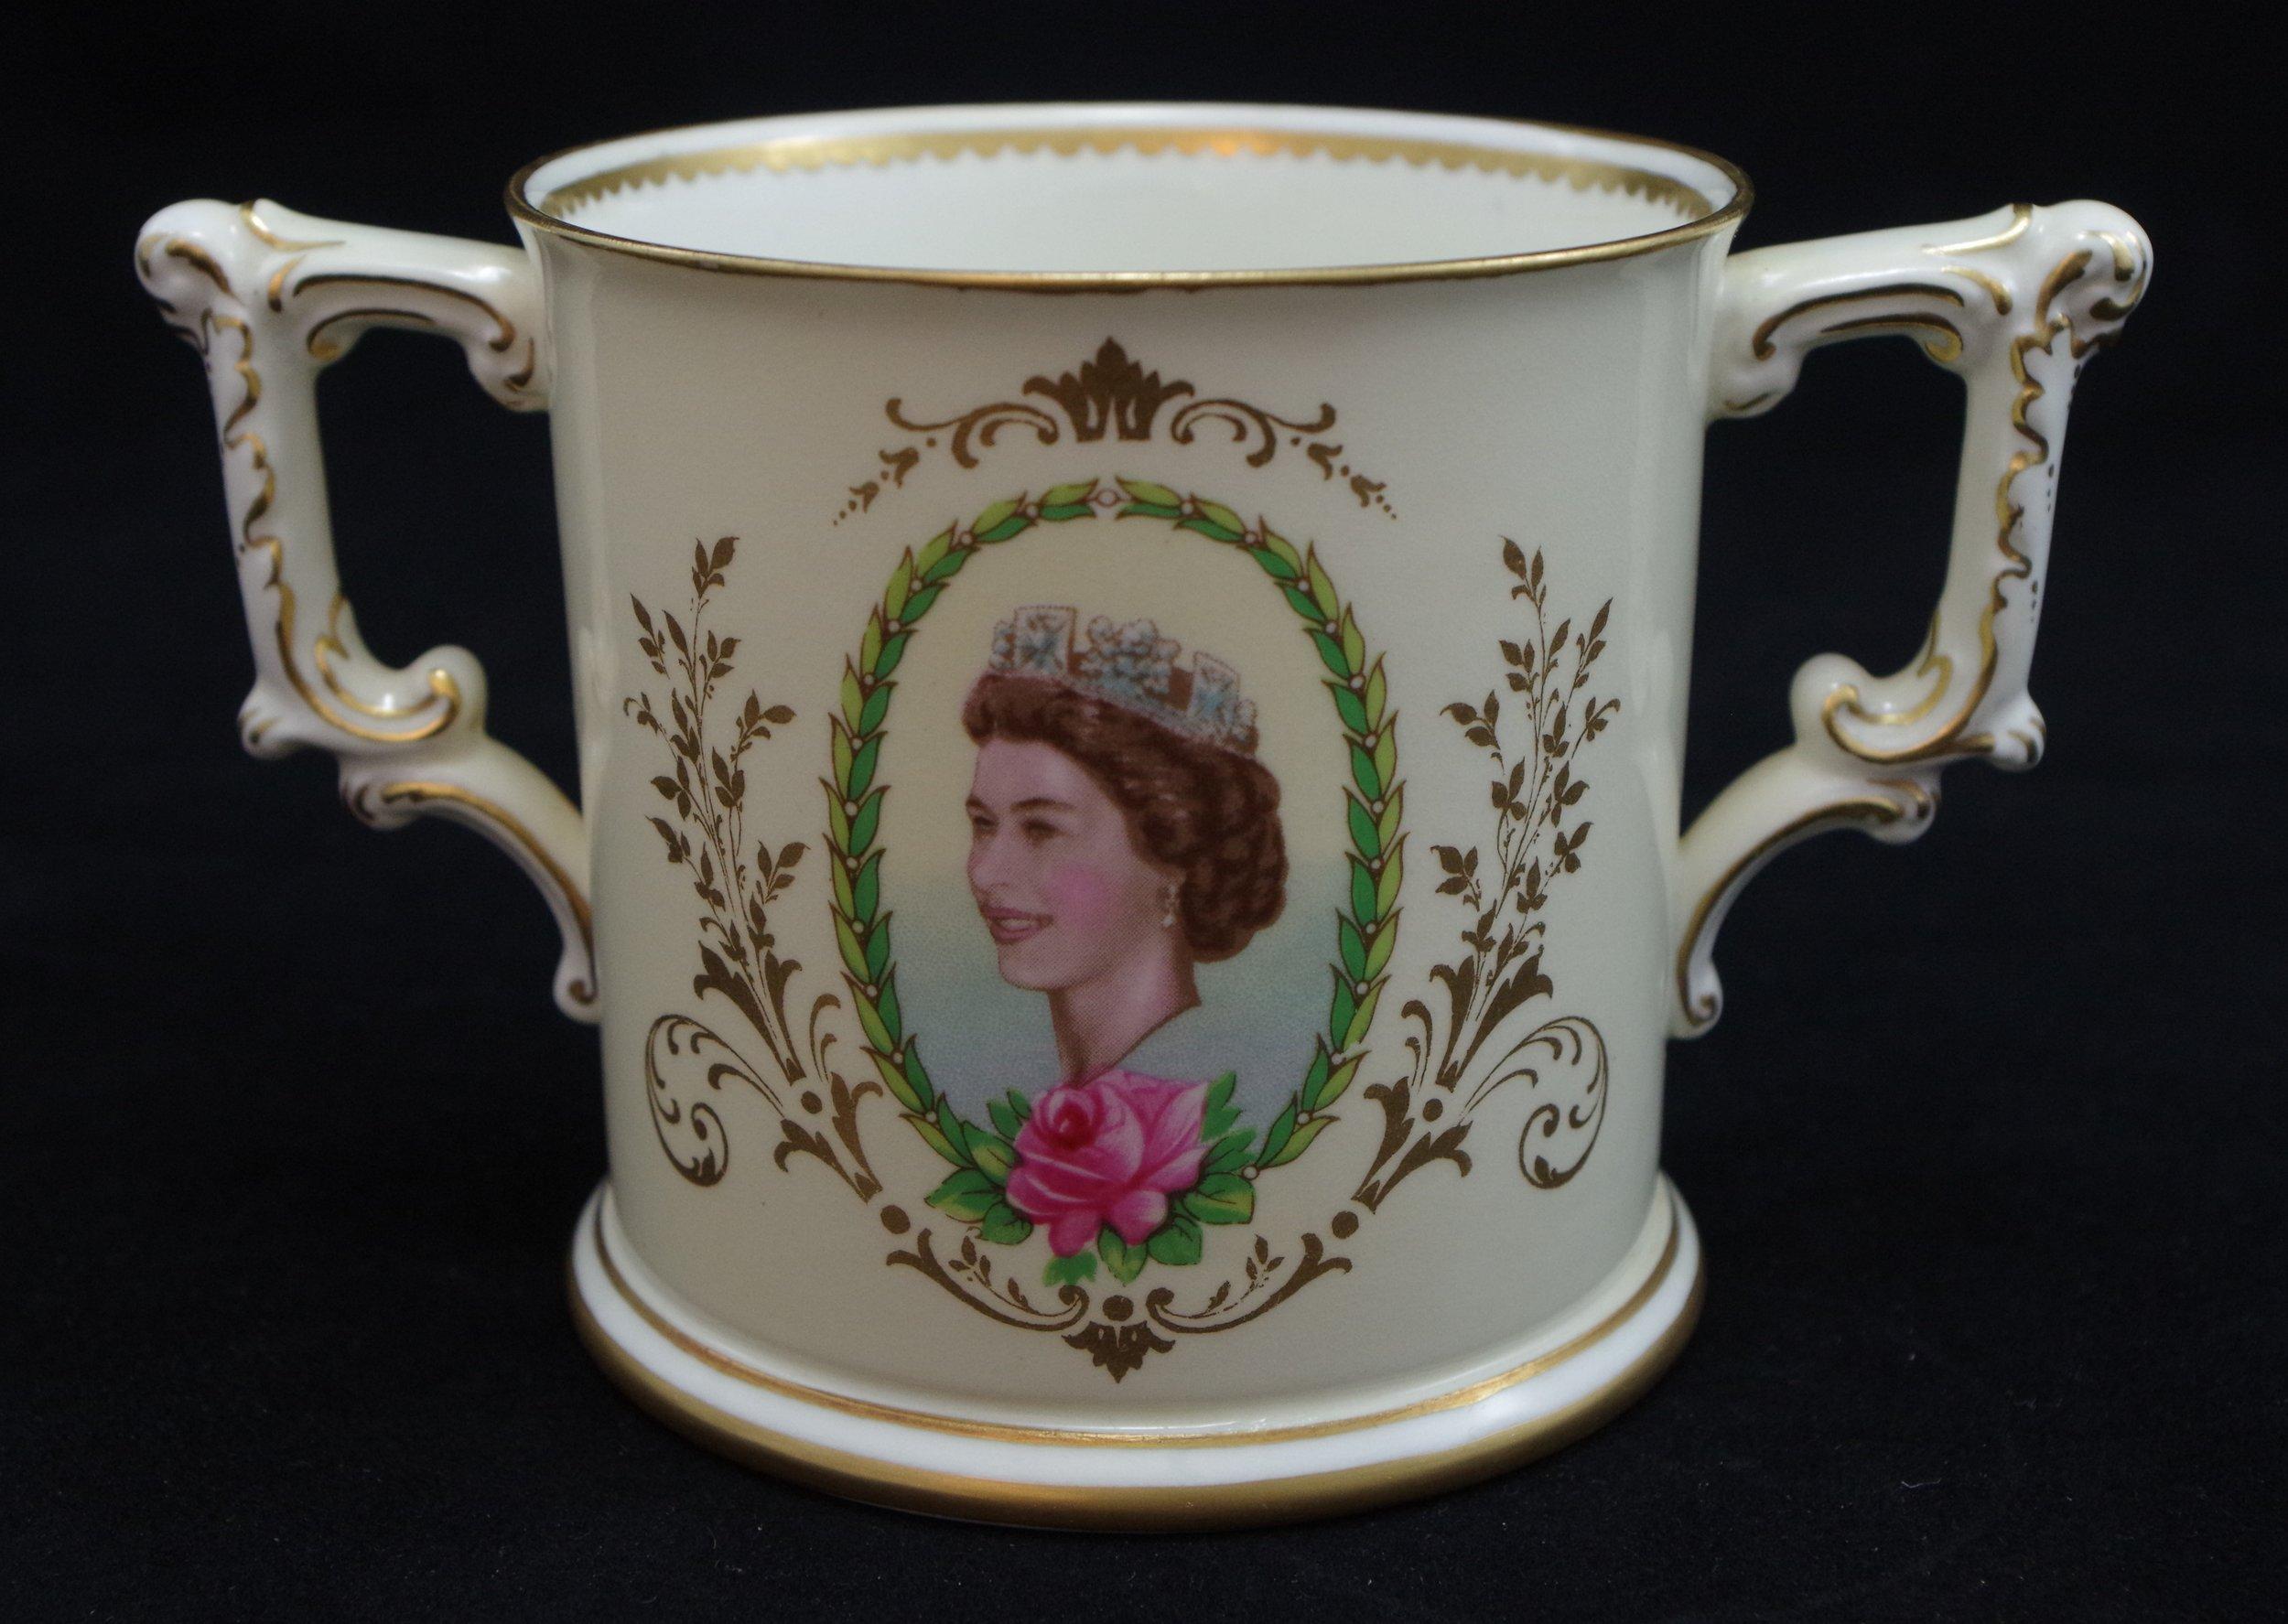 royal-crown-derby-elizabeth-II-coronation-limited-edition-loving-cup-1953